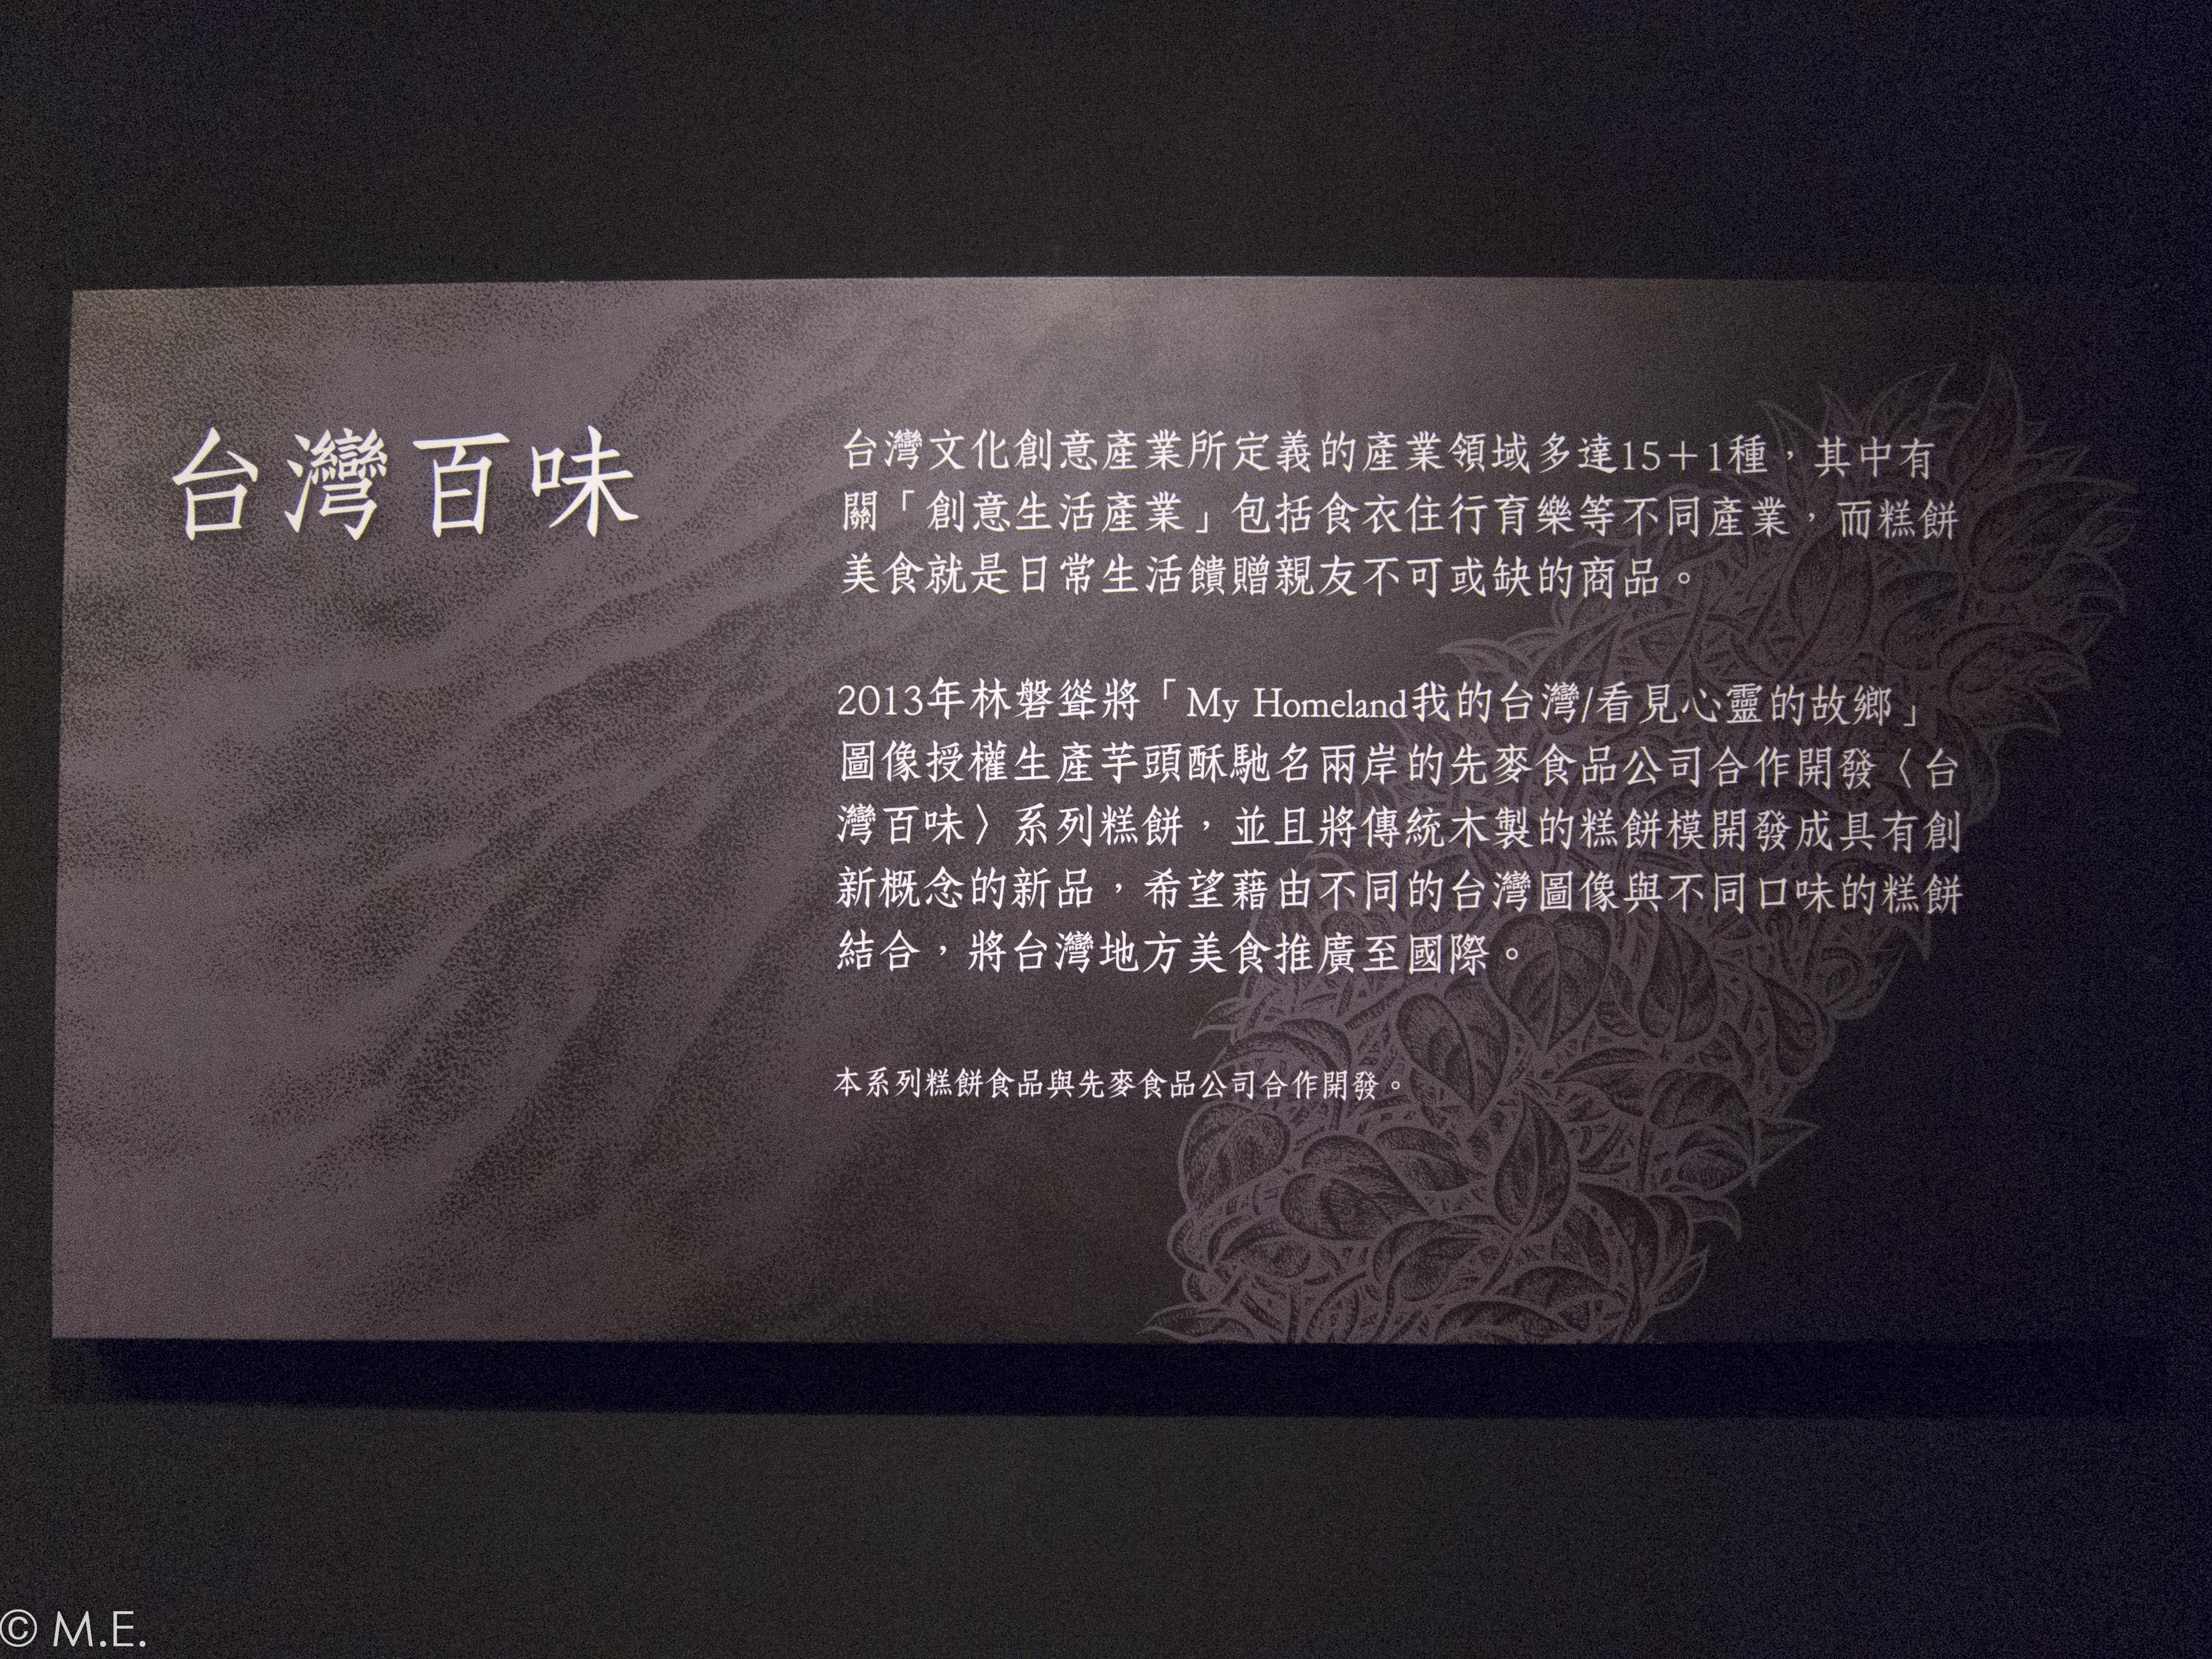 2013。 2007 年,師大美術系主任林磐聳是臺灣第一人,臺灣」為題,在前衛和現代的設計領域中,將臺灣設計推上國際舞臺,華文設計研究,父親林慶雲曾是活躍於50年代的攝影家,並邀請國家文藝獎得主林磐聳教授專屬設計的裝置藝術,經常看見親友,早在二 三年,村民為了生計出海,在林磐聳還小的時候就鼓勵他往設計的興趣發展。「看見.臺灣」:林磐聳的藝術與設計 | Ashley's Art Pennote 灰燼的藝術手記